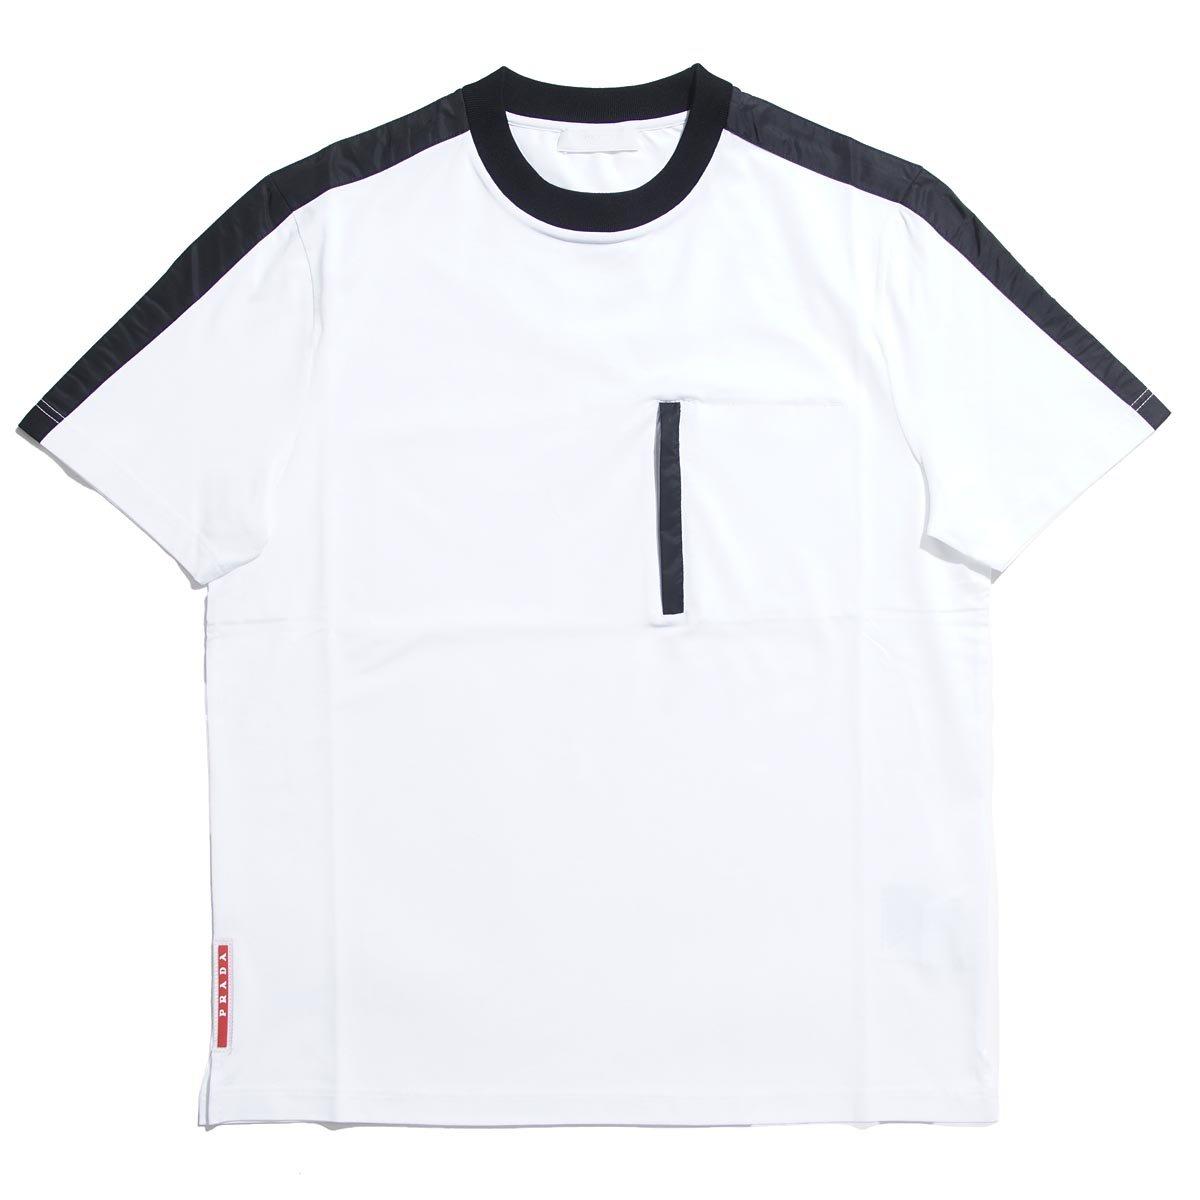 (プラダ) PRADA クルーネック Tシャツ [並行輸入品] B079VRDTH1 L|ホワイト ホワイト L